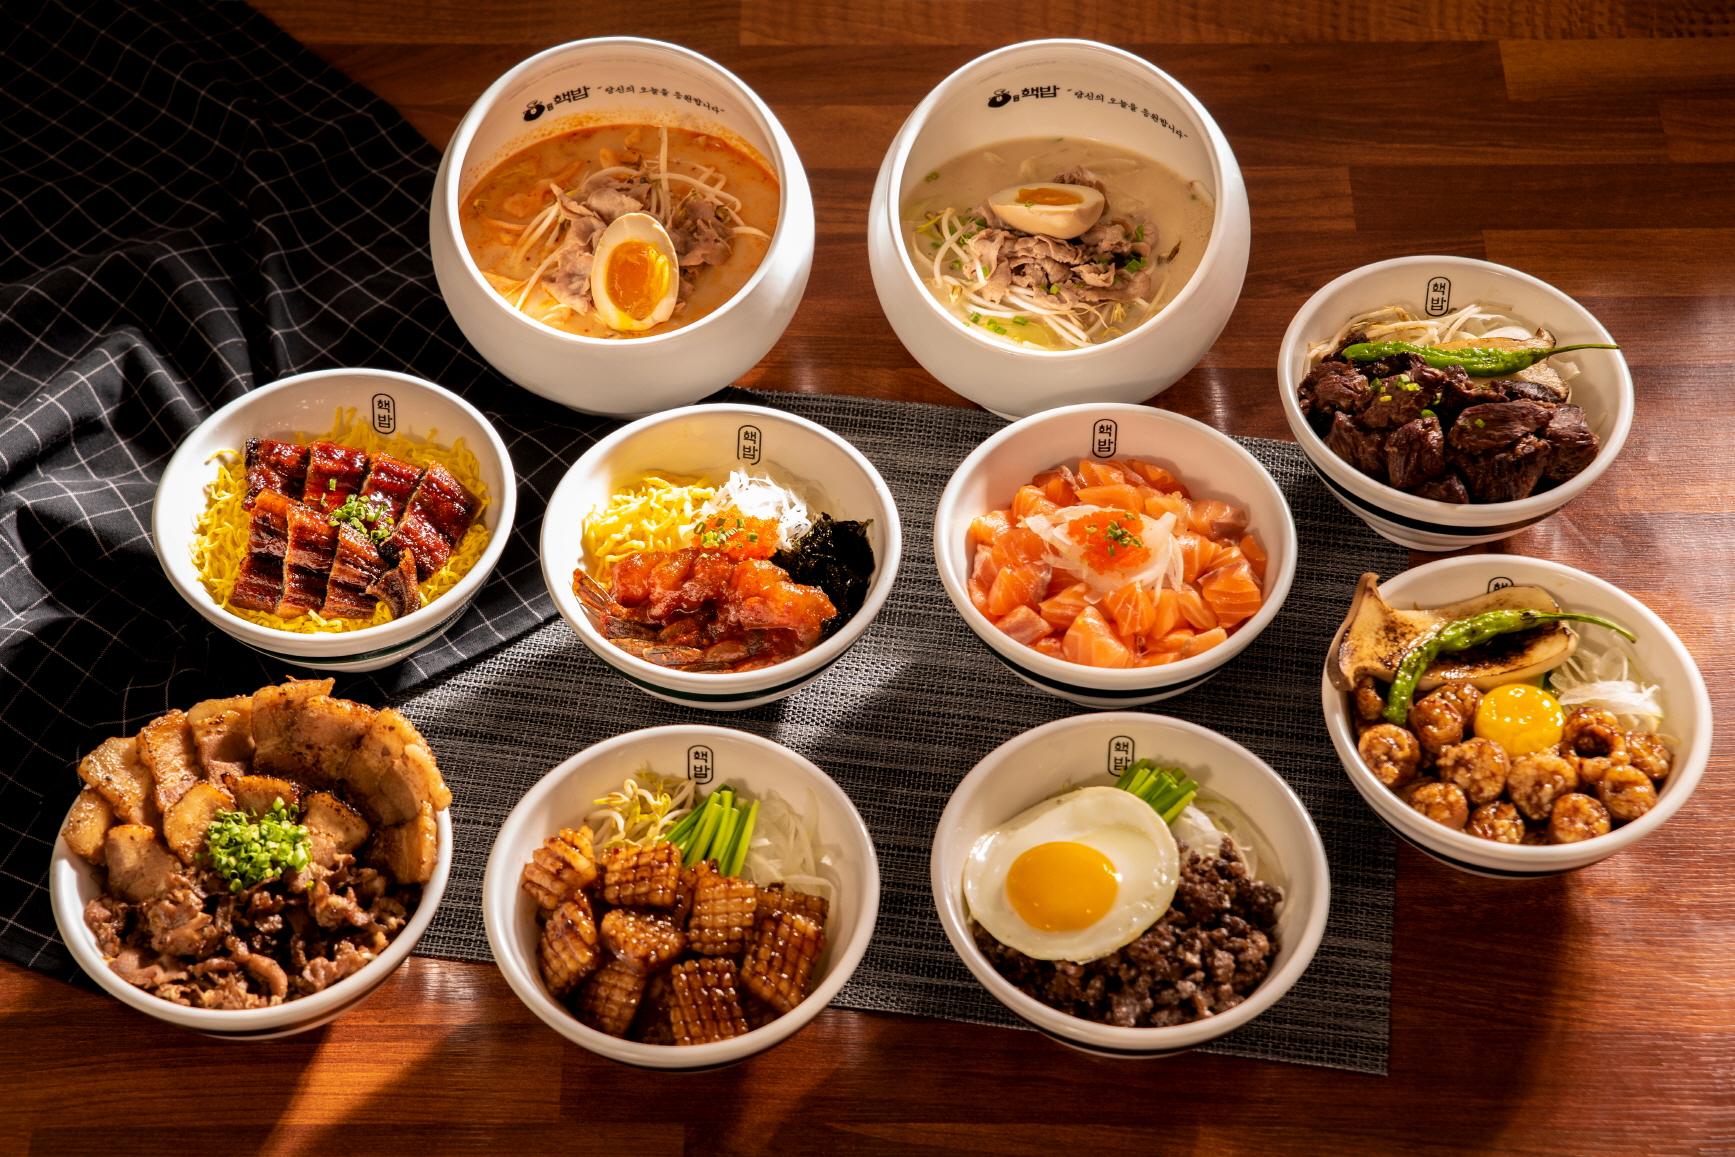 [2020 한국소비자만족지수 1위] 덮밥 프랜차이즈, 핵밥